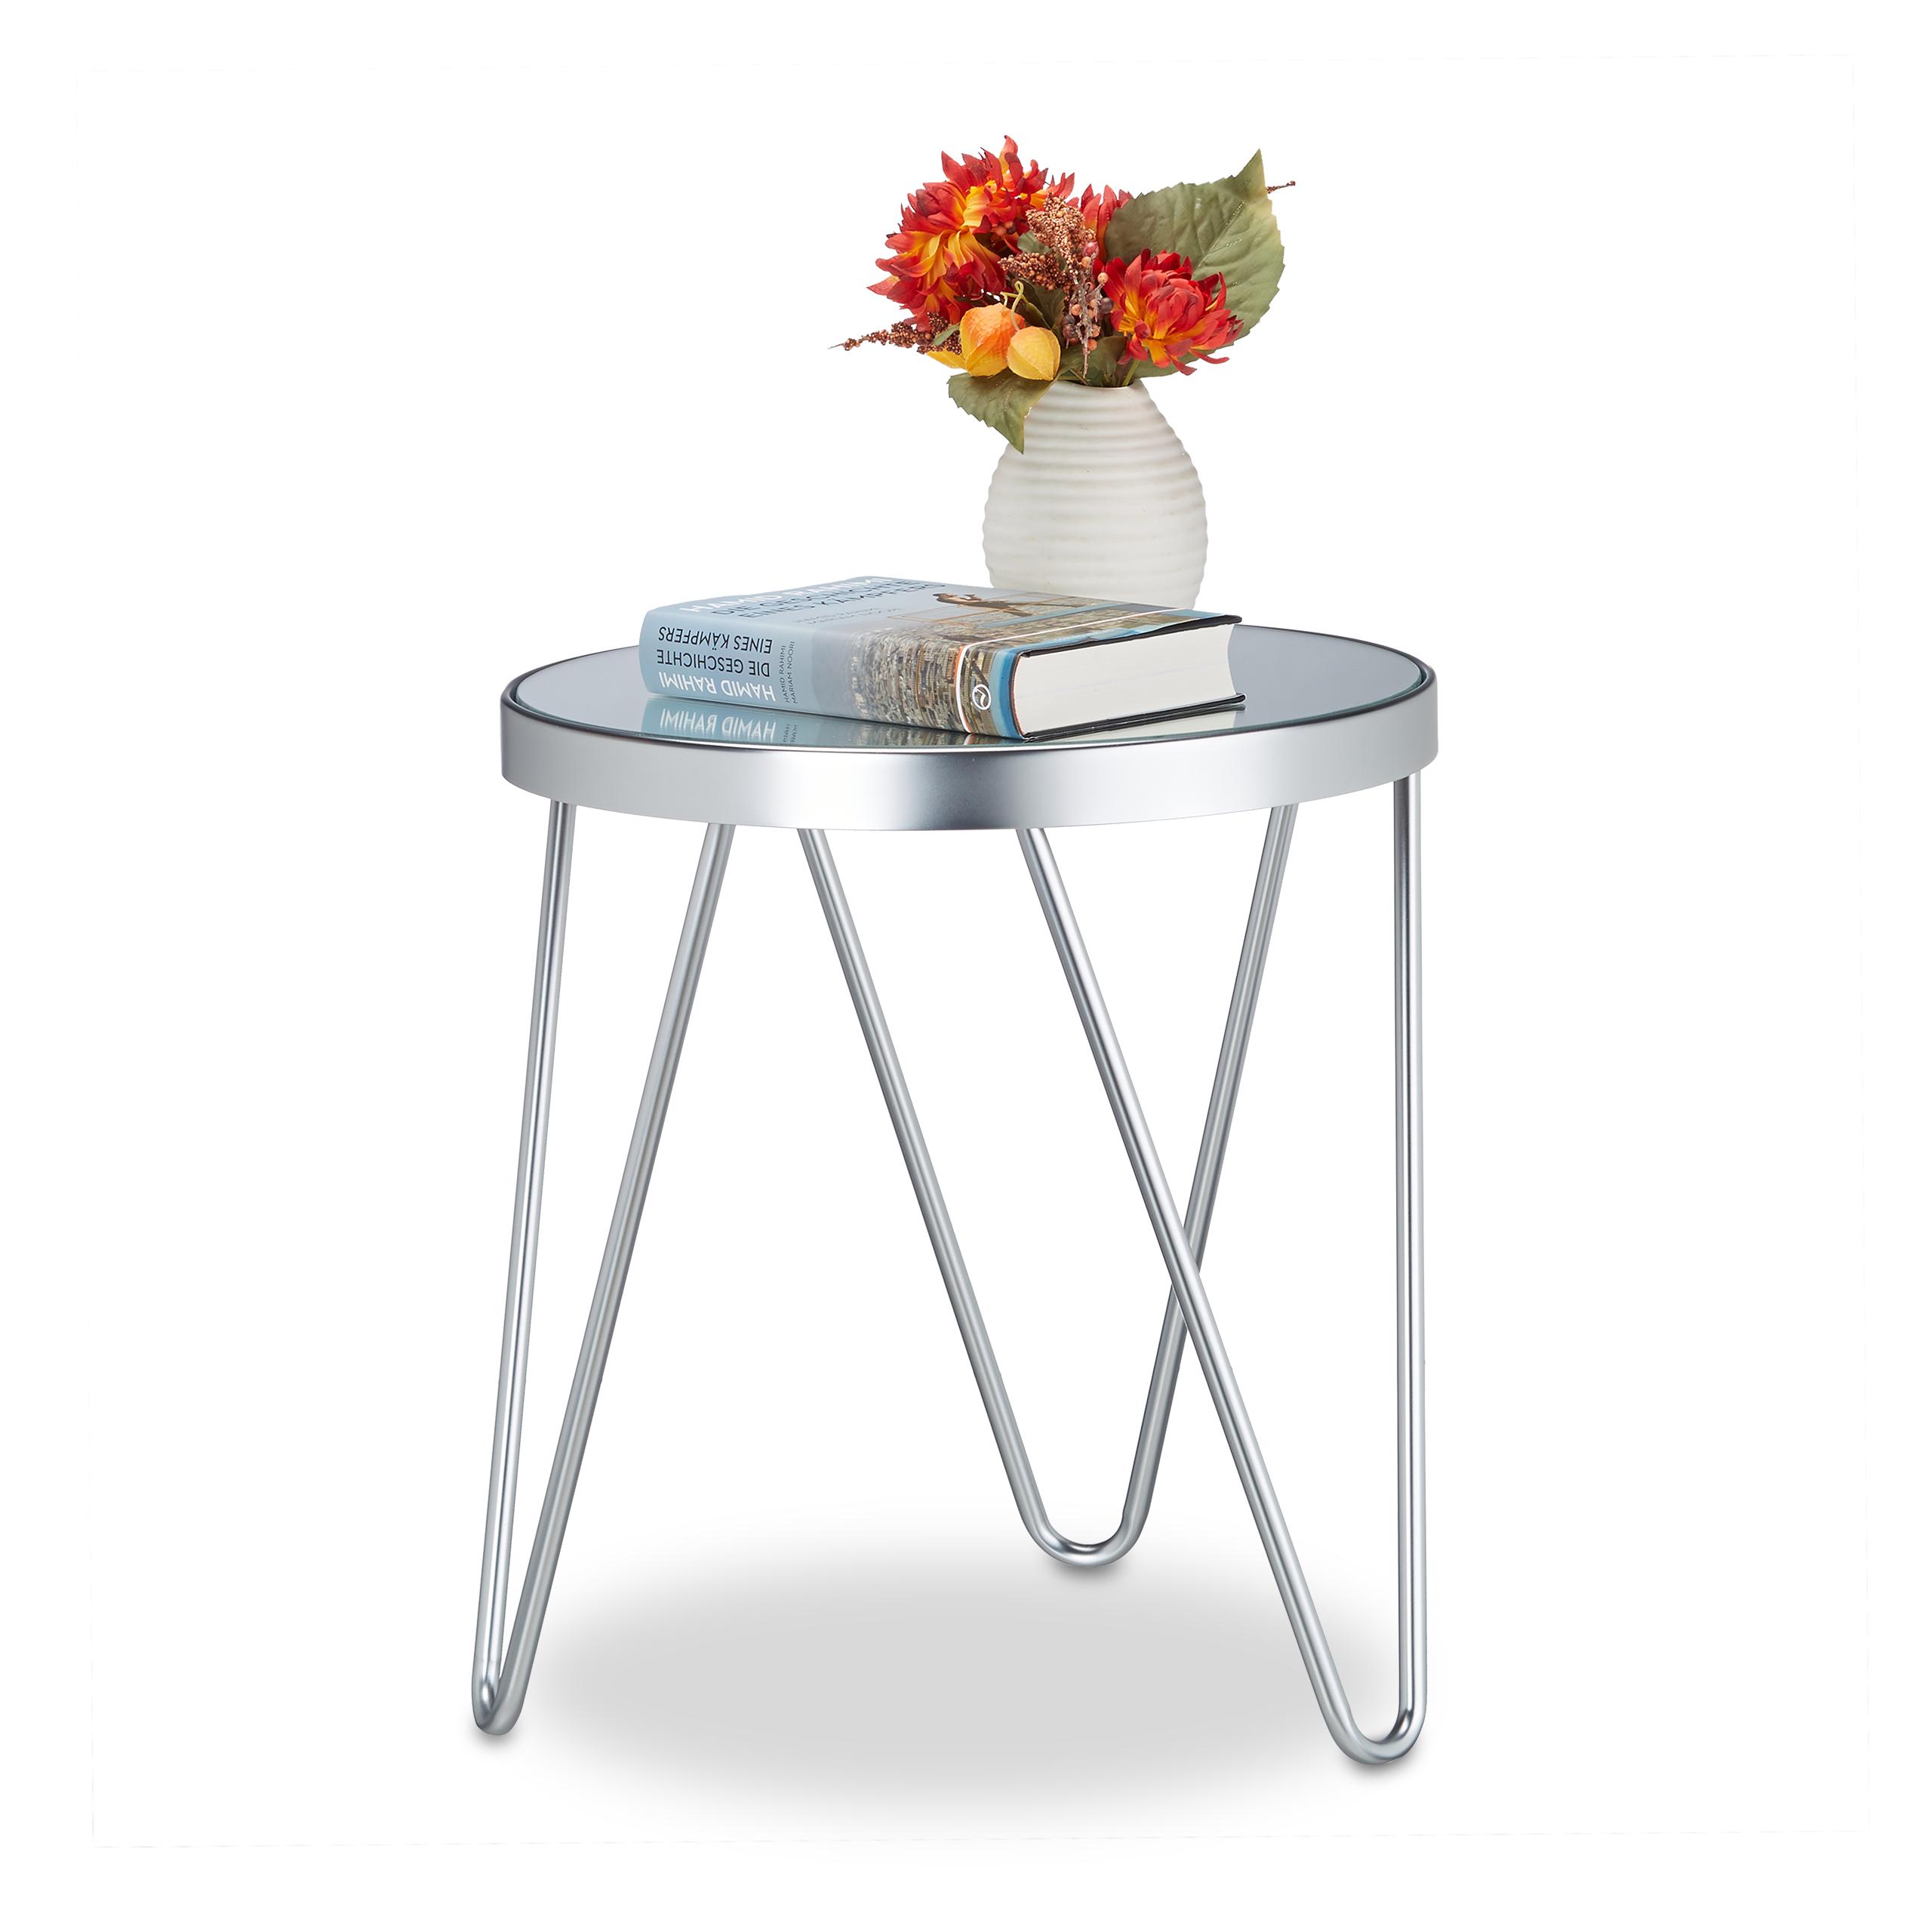 Tavolino-da-salotto-basso-in-vetro-a-specchio-da-divano-caffe-design-argento